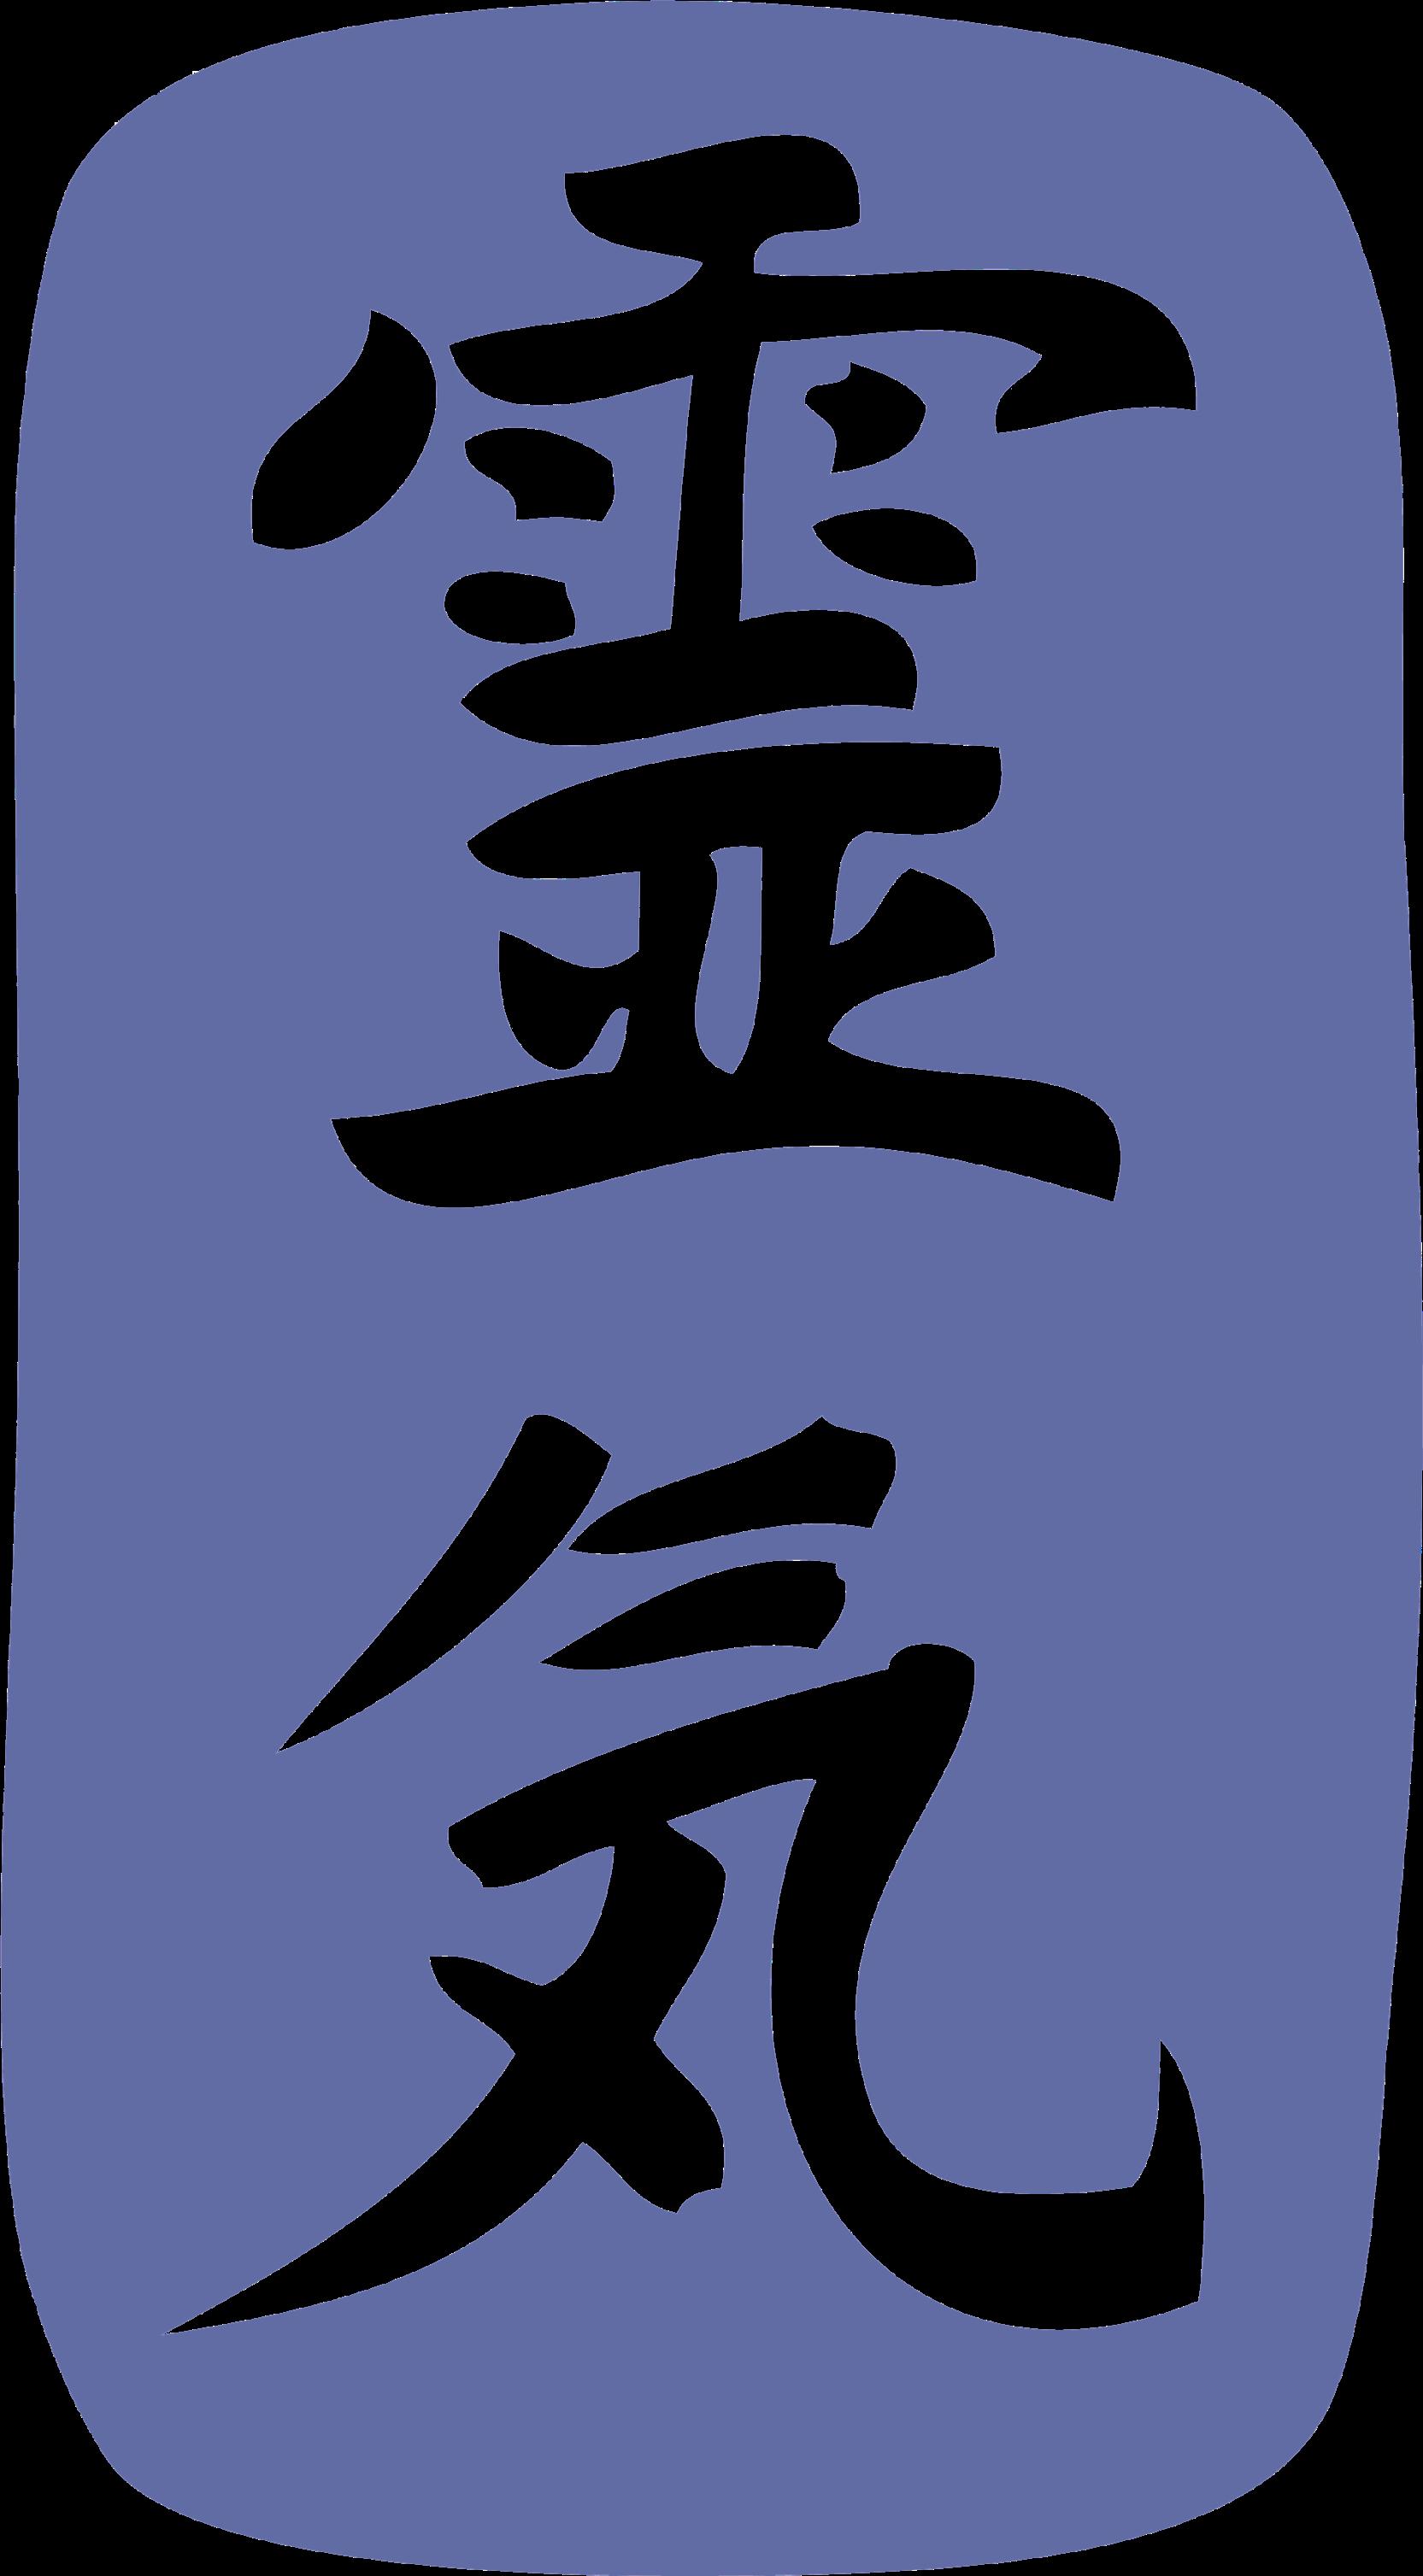 Reiki Healing Usui Shiki Ryoho Reiki Healing Pinterest